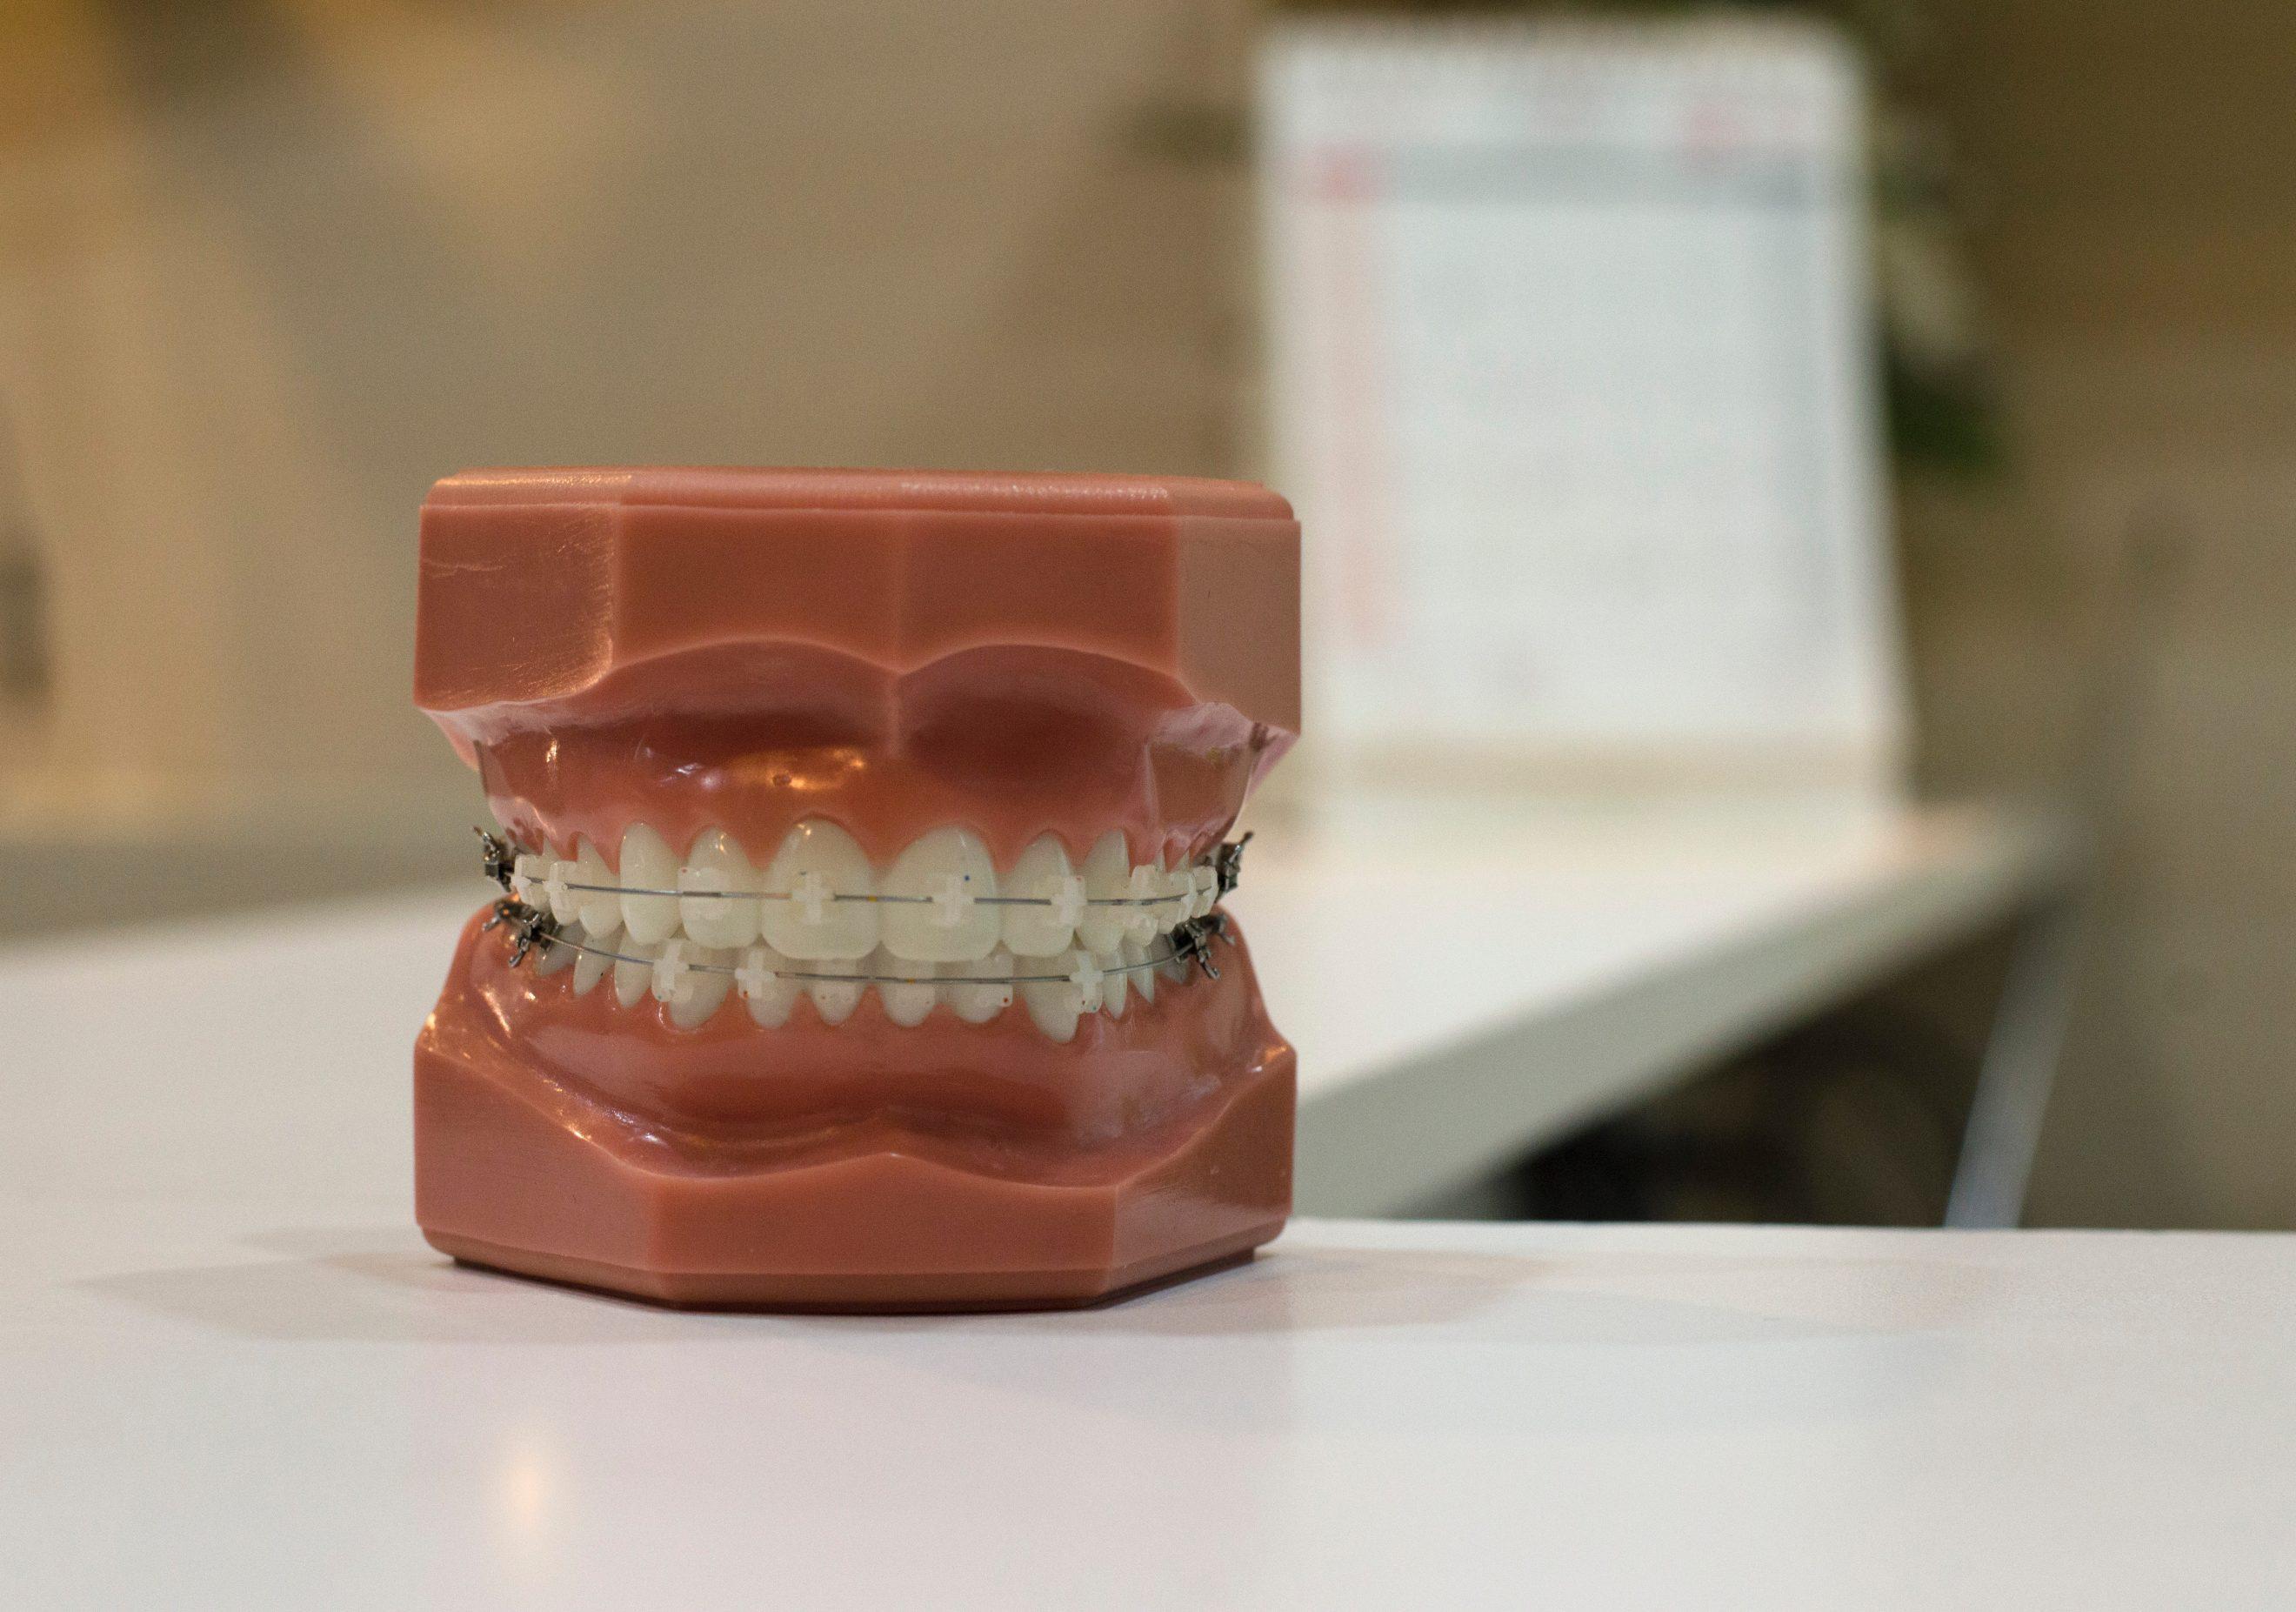 Le travail de l'ostéopathe en accompagnement à l'orthodontie